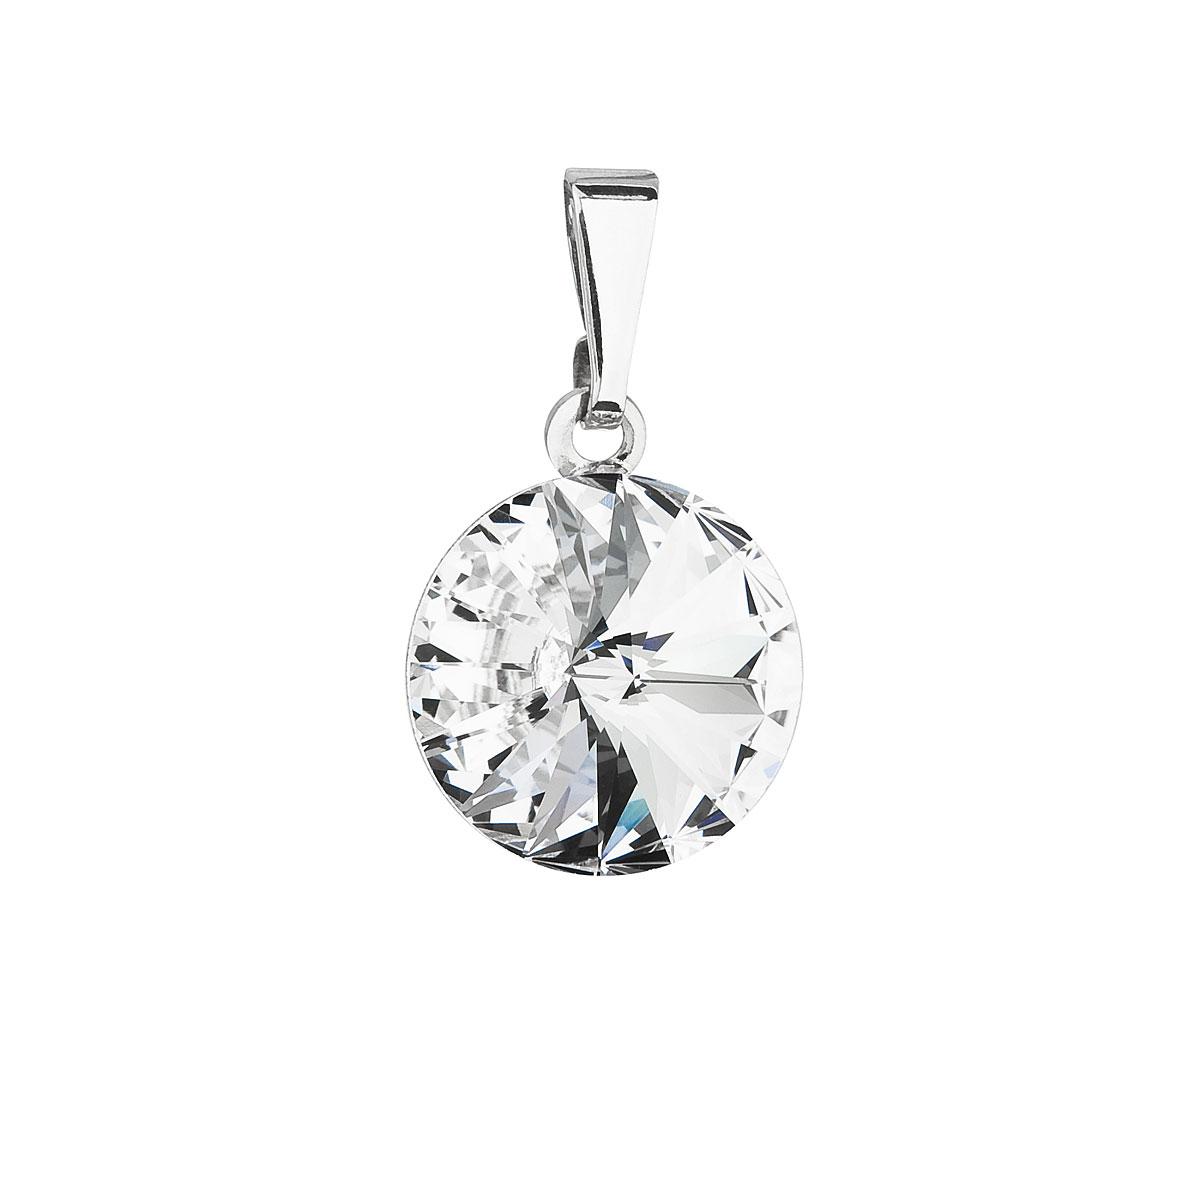 Evolution Group Přívěsek se Swarovski krystaly bílý kulatý 54001.1